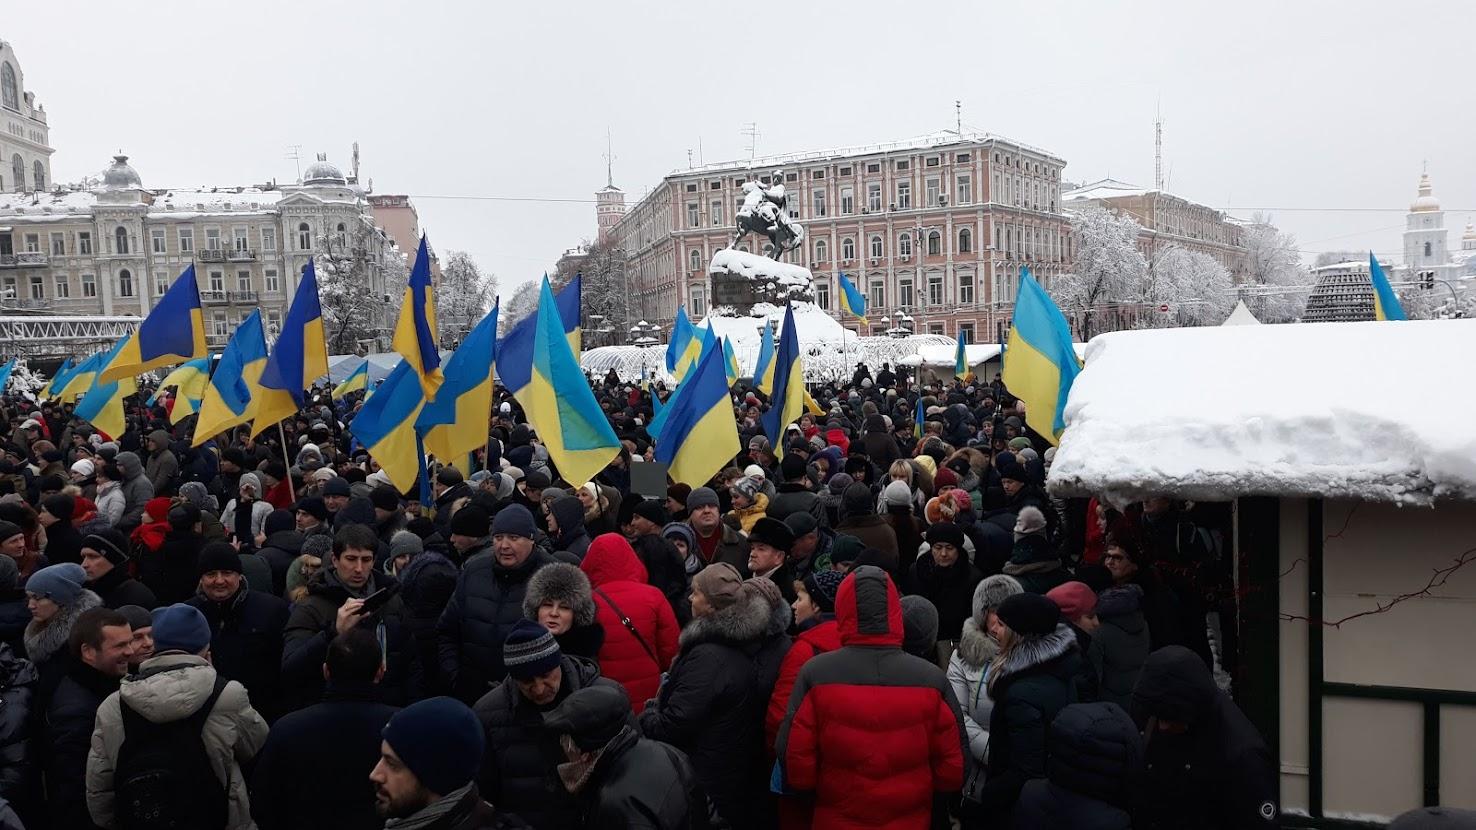 Особливості української набожності: релігія як політика або як спосіб життя